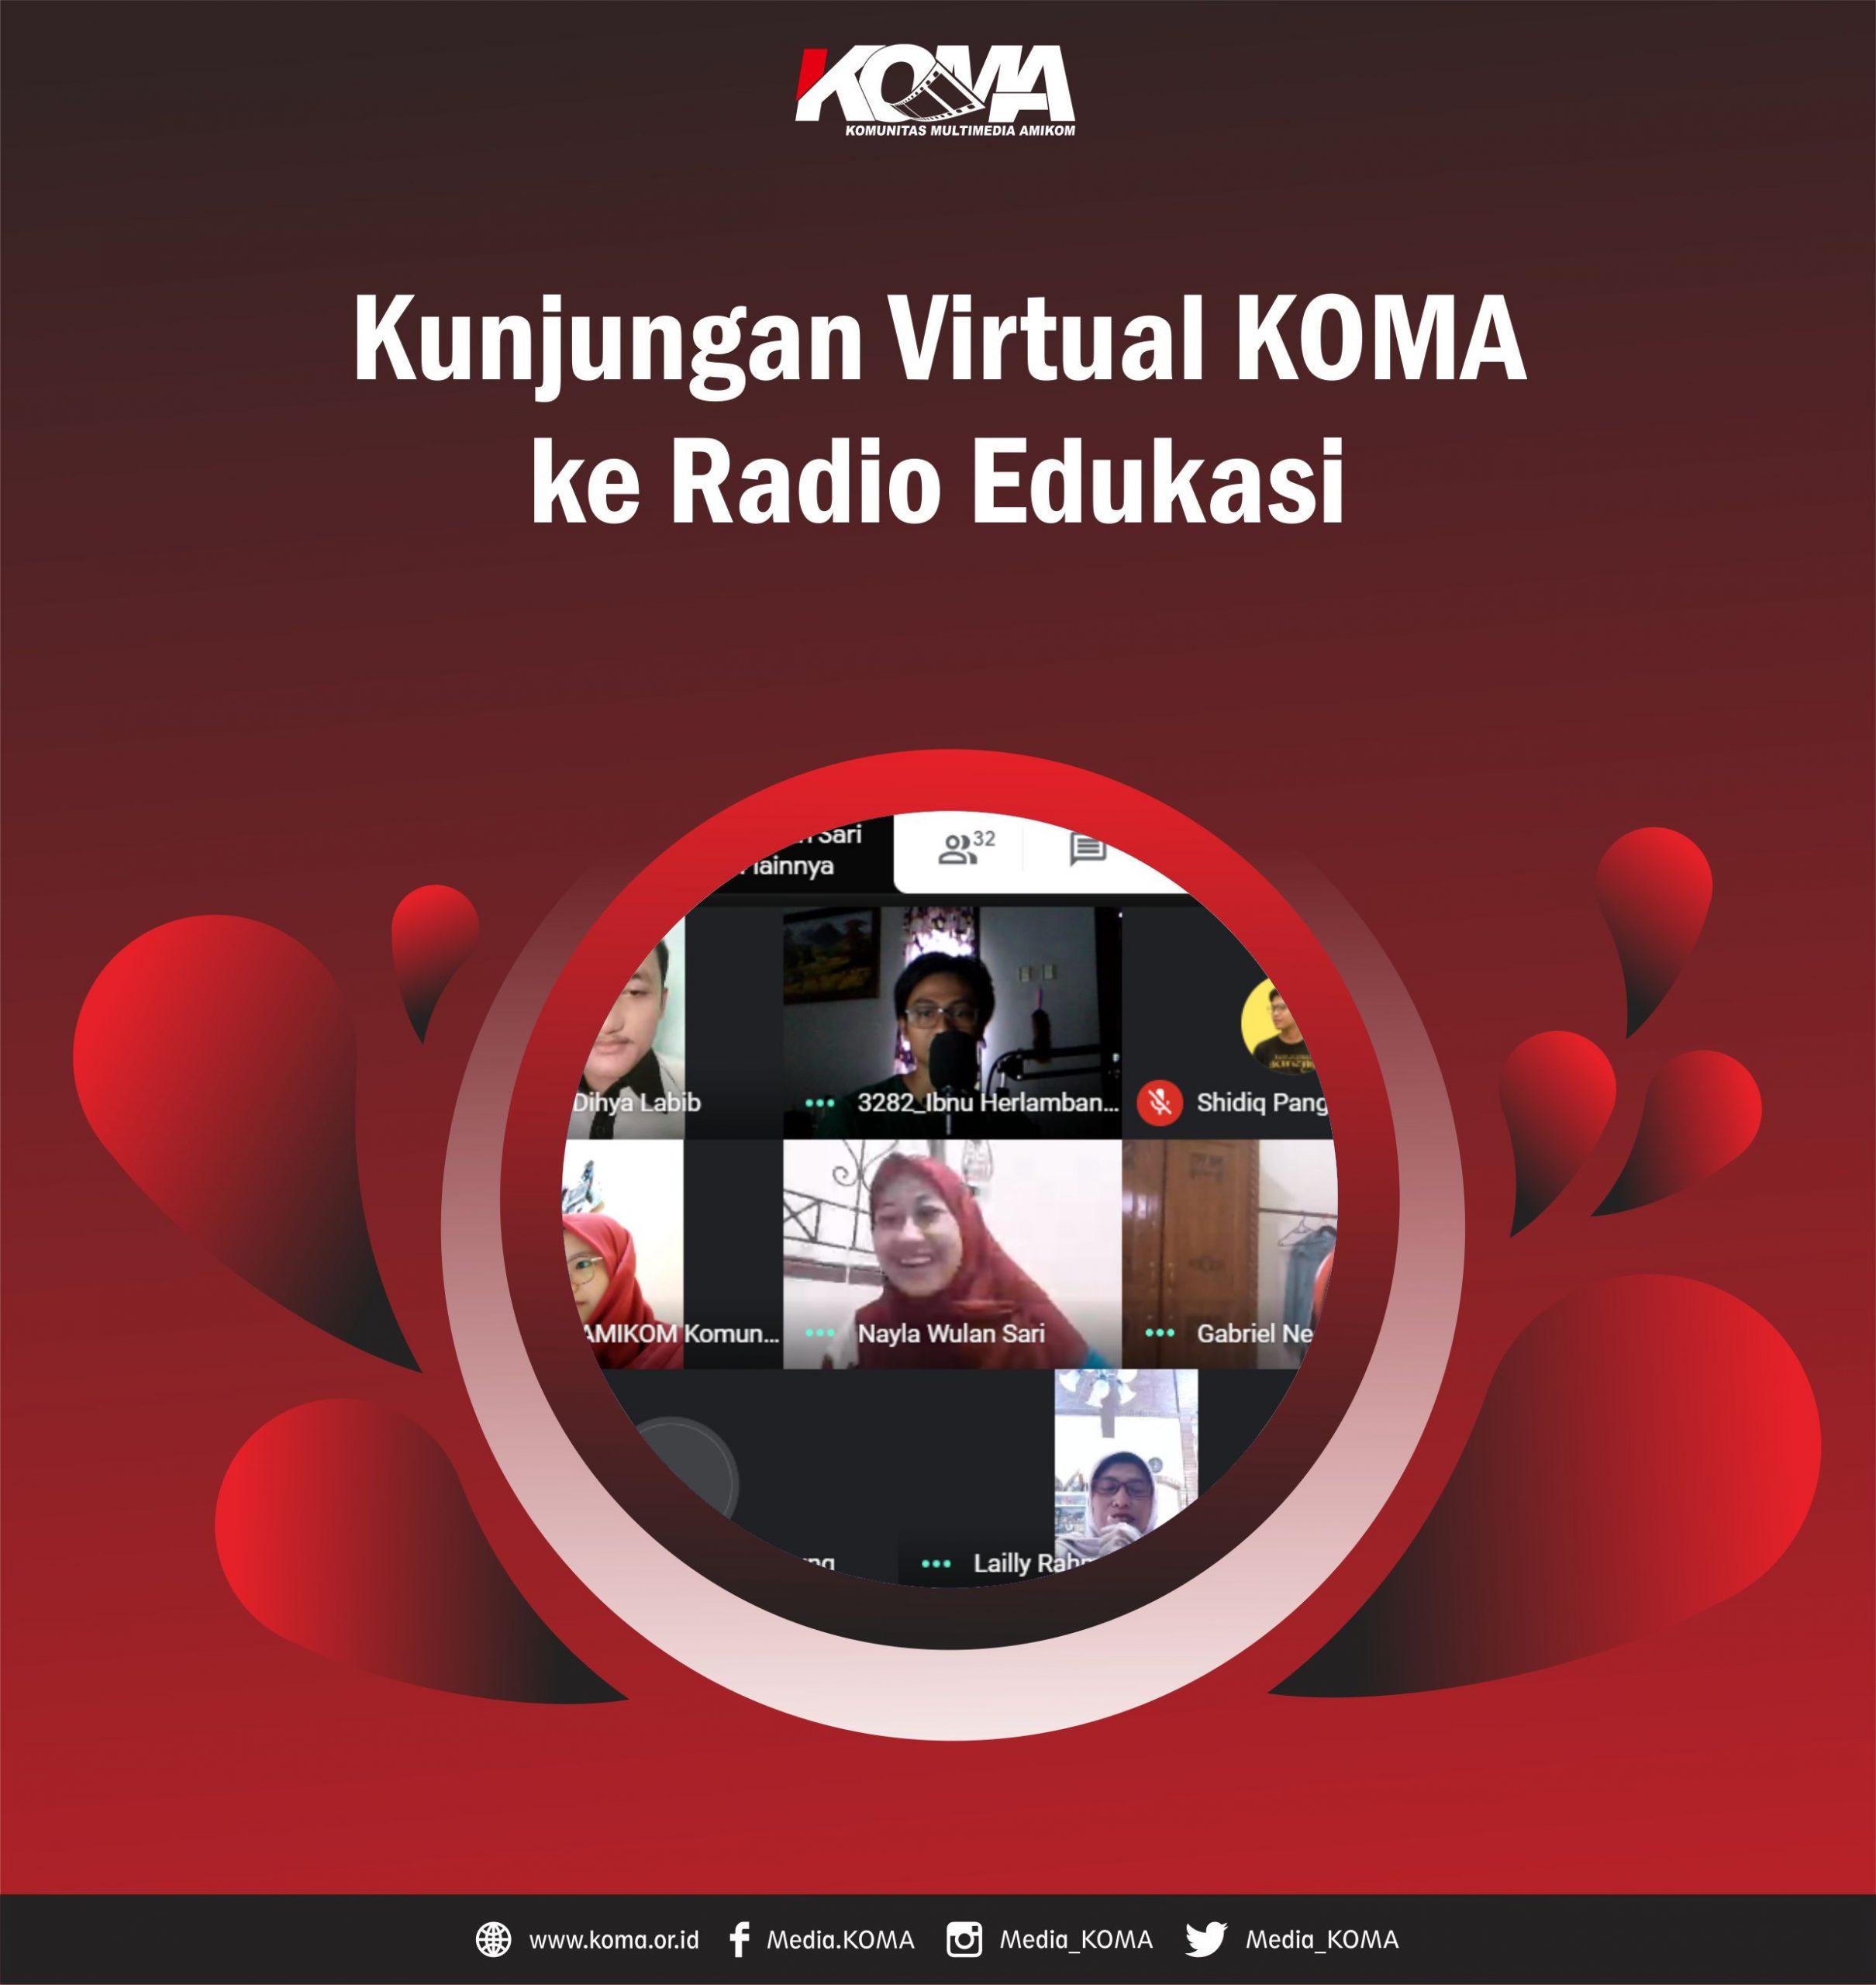 Kunjungan-Virtual-KOMA-ke-Radio-Edukasi1